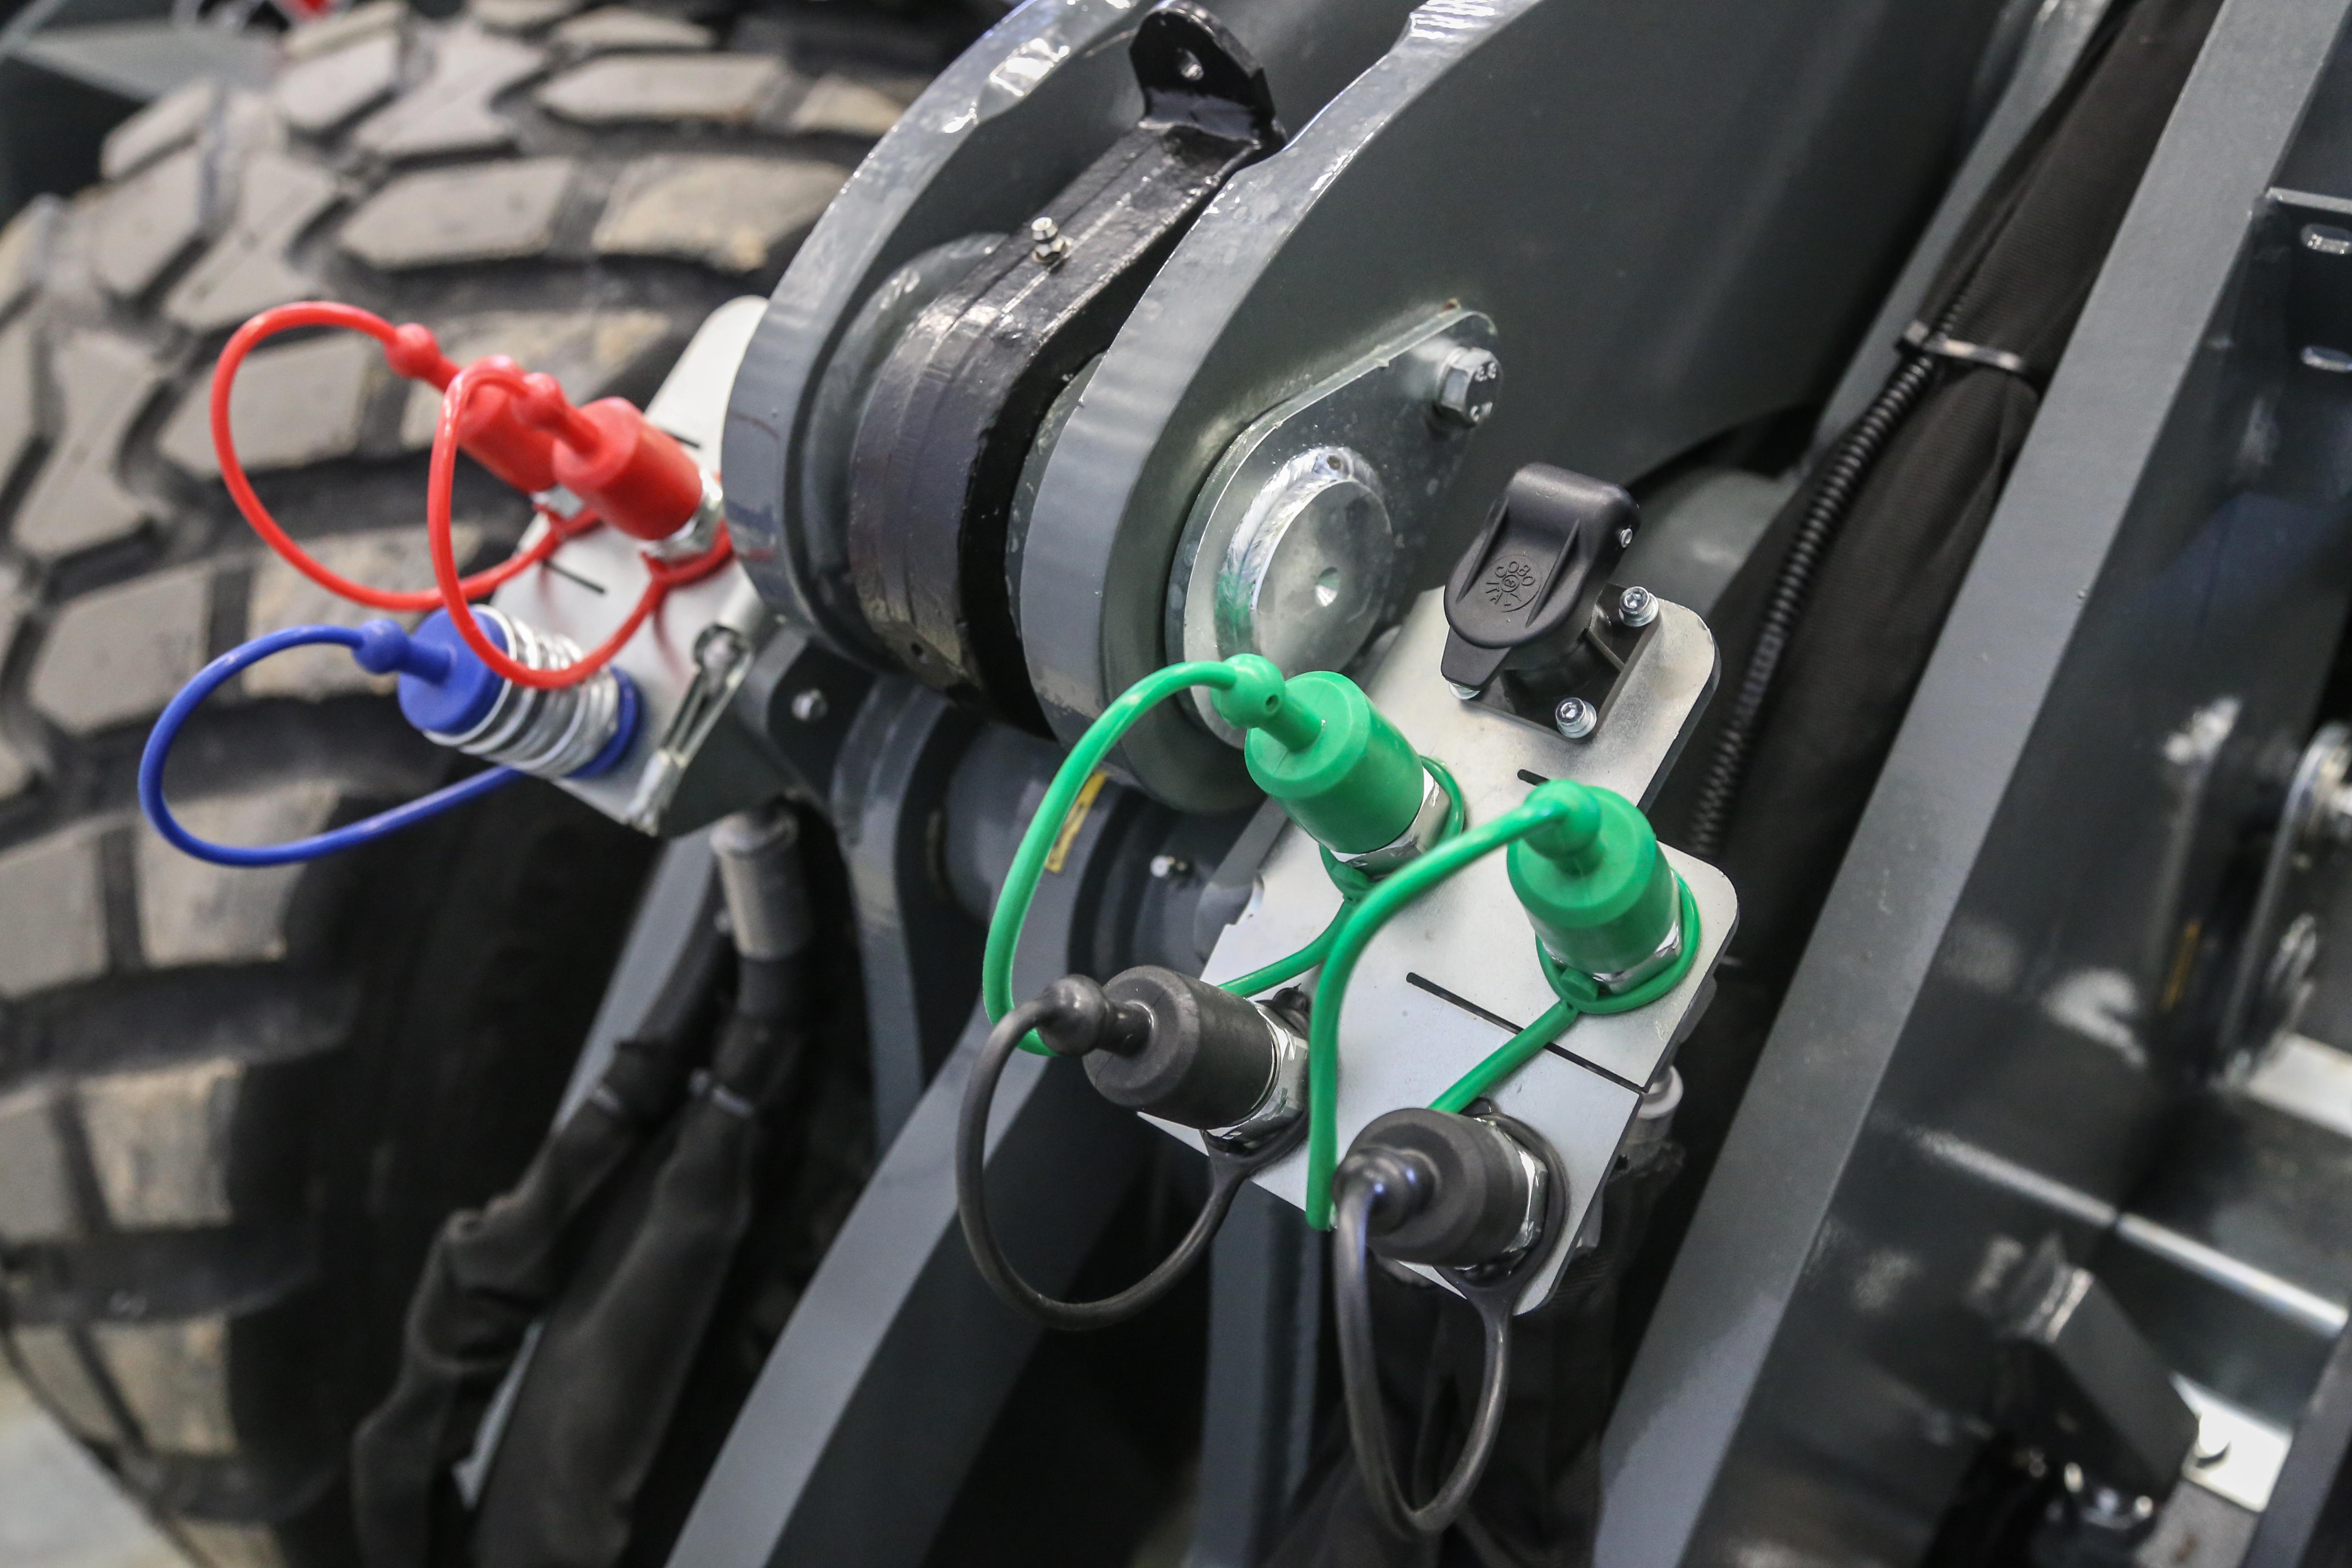 <p>Af fabriek kan Giant veel hydrauliek-opties leveren, zoals een 120 liter-pomp voor de extra functies en tot vijf dubbelwerkende aansluitingen voorop. </p>